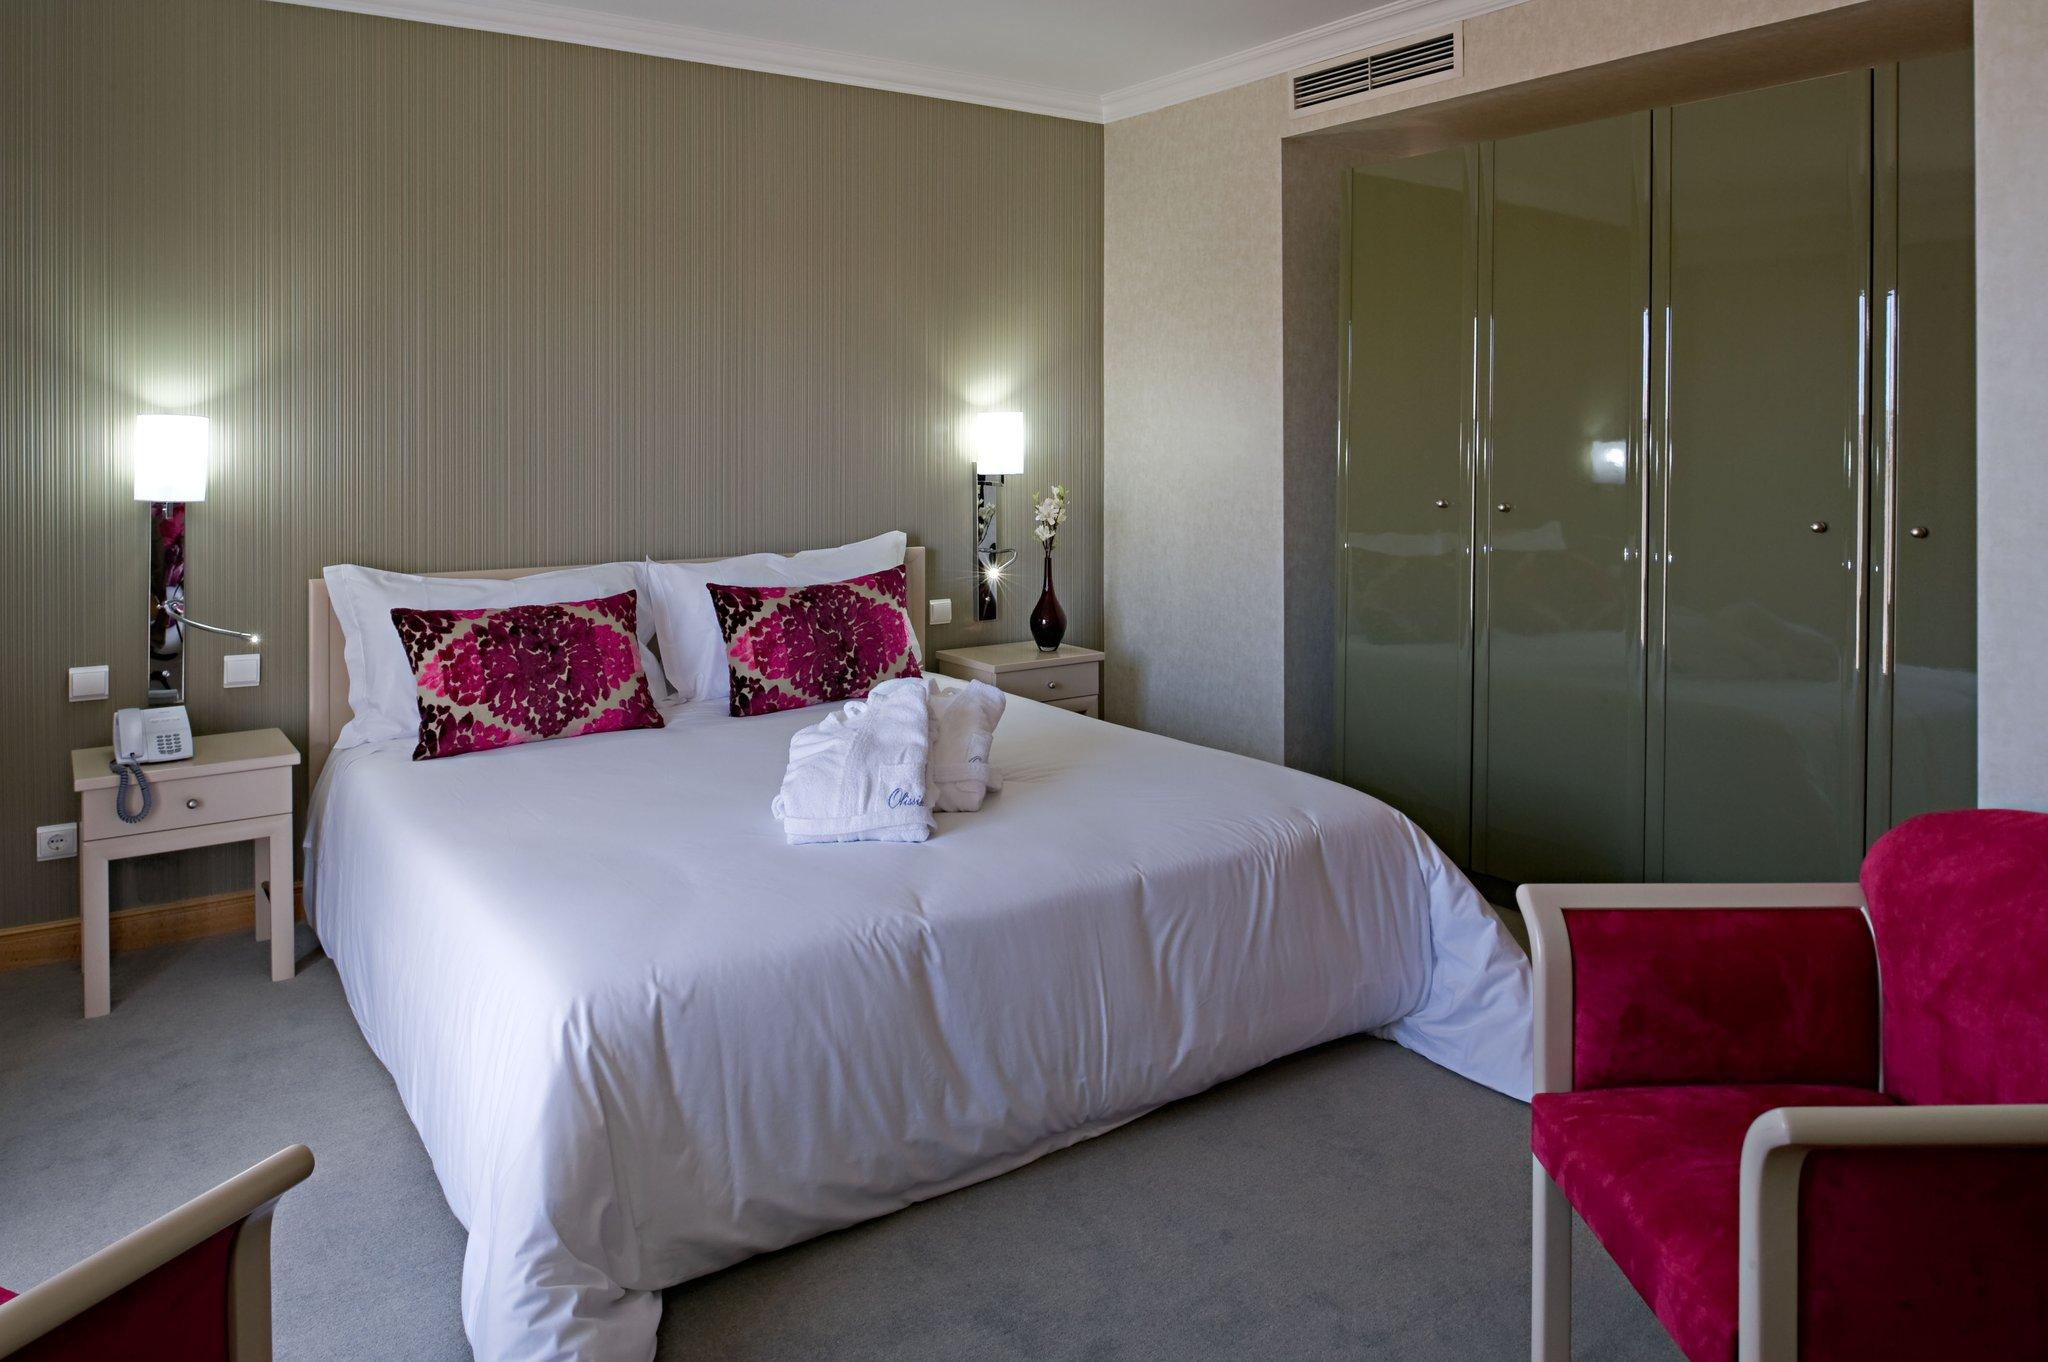 Hotel Olissippo Marques de Sa